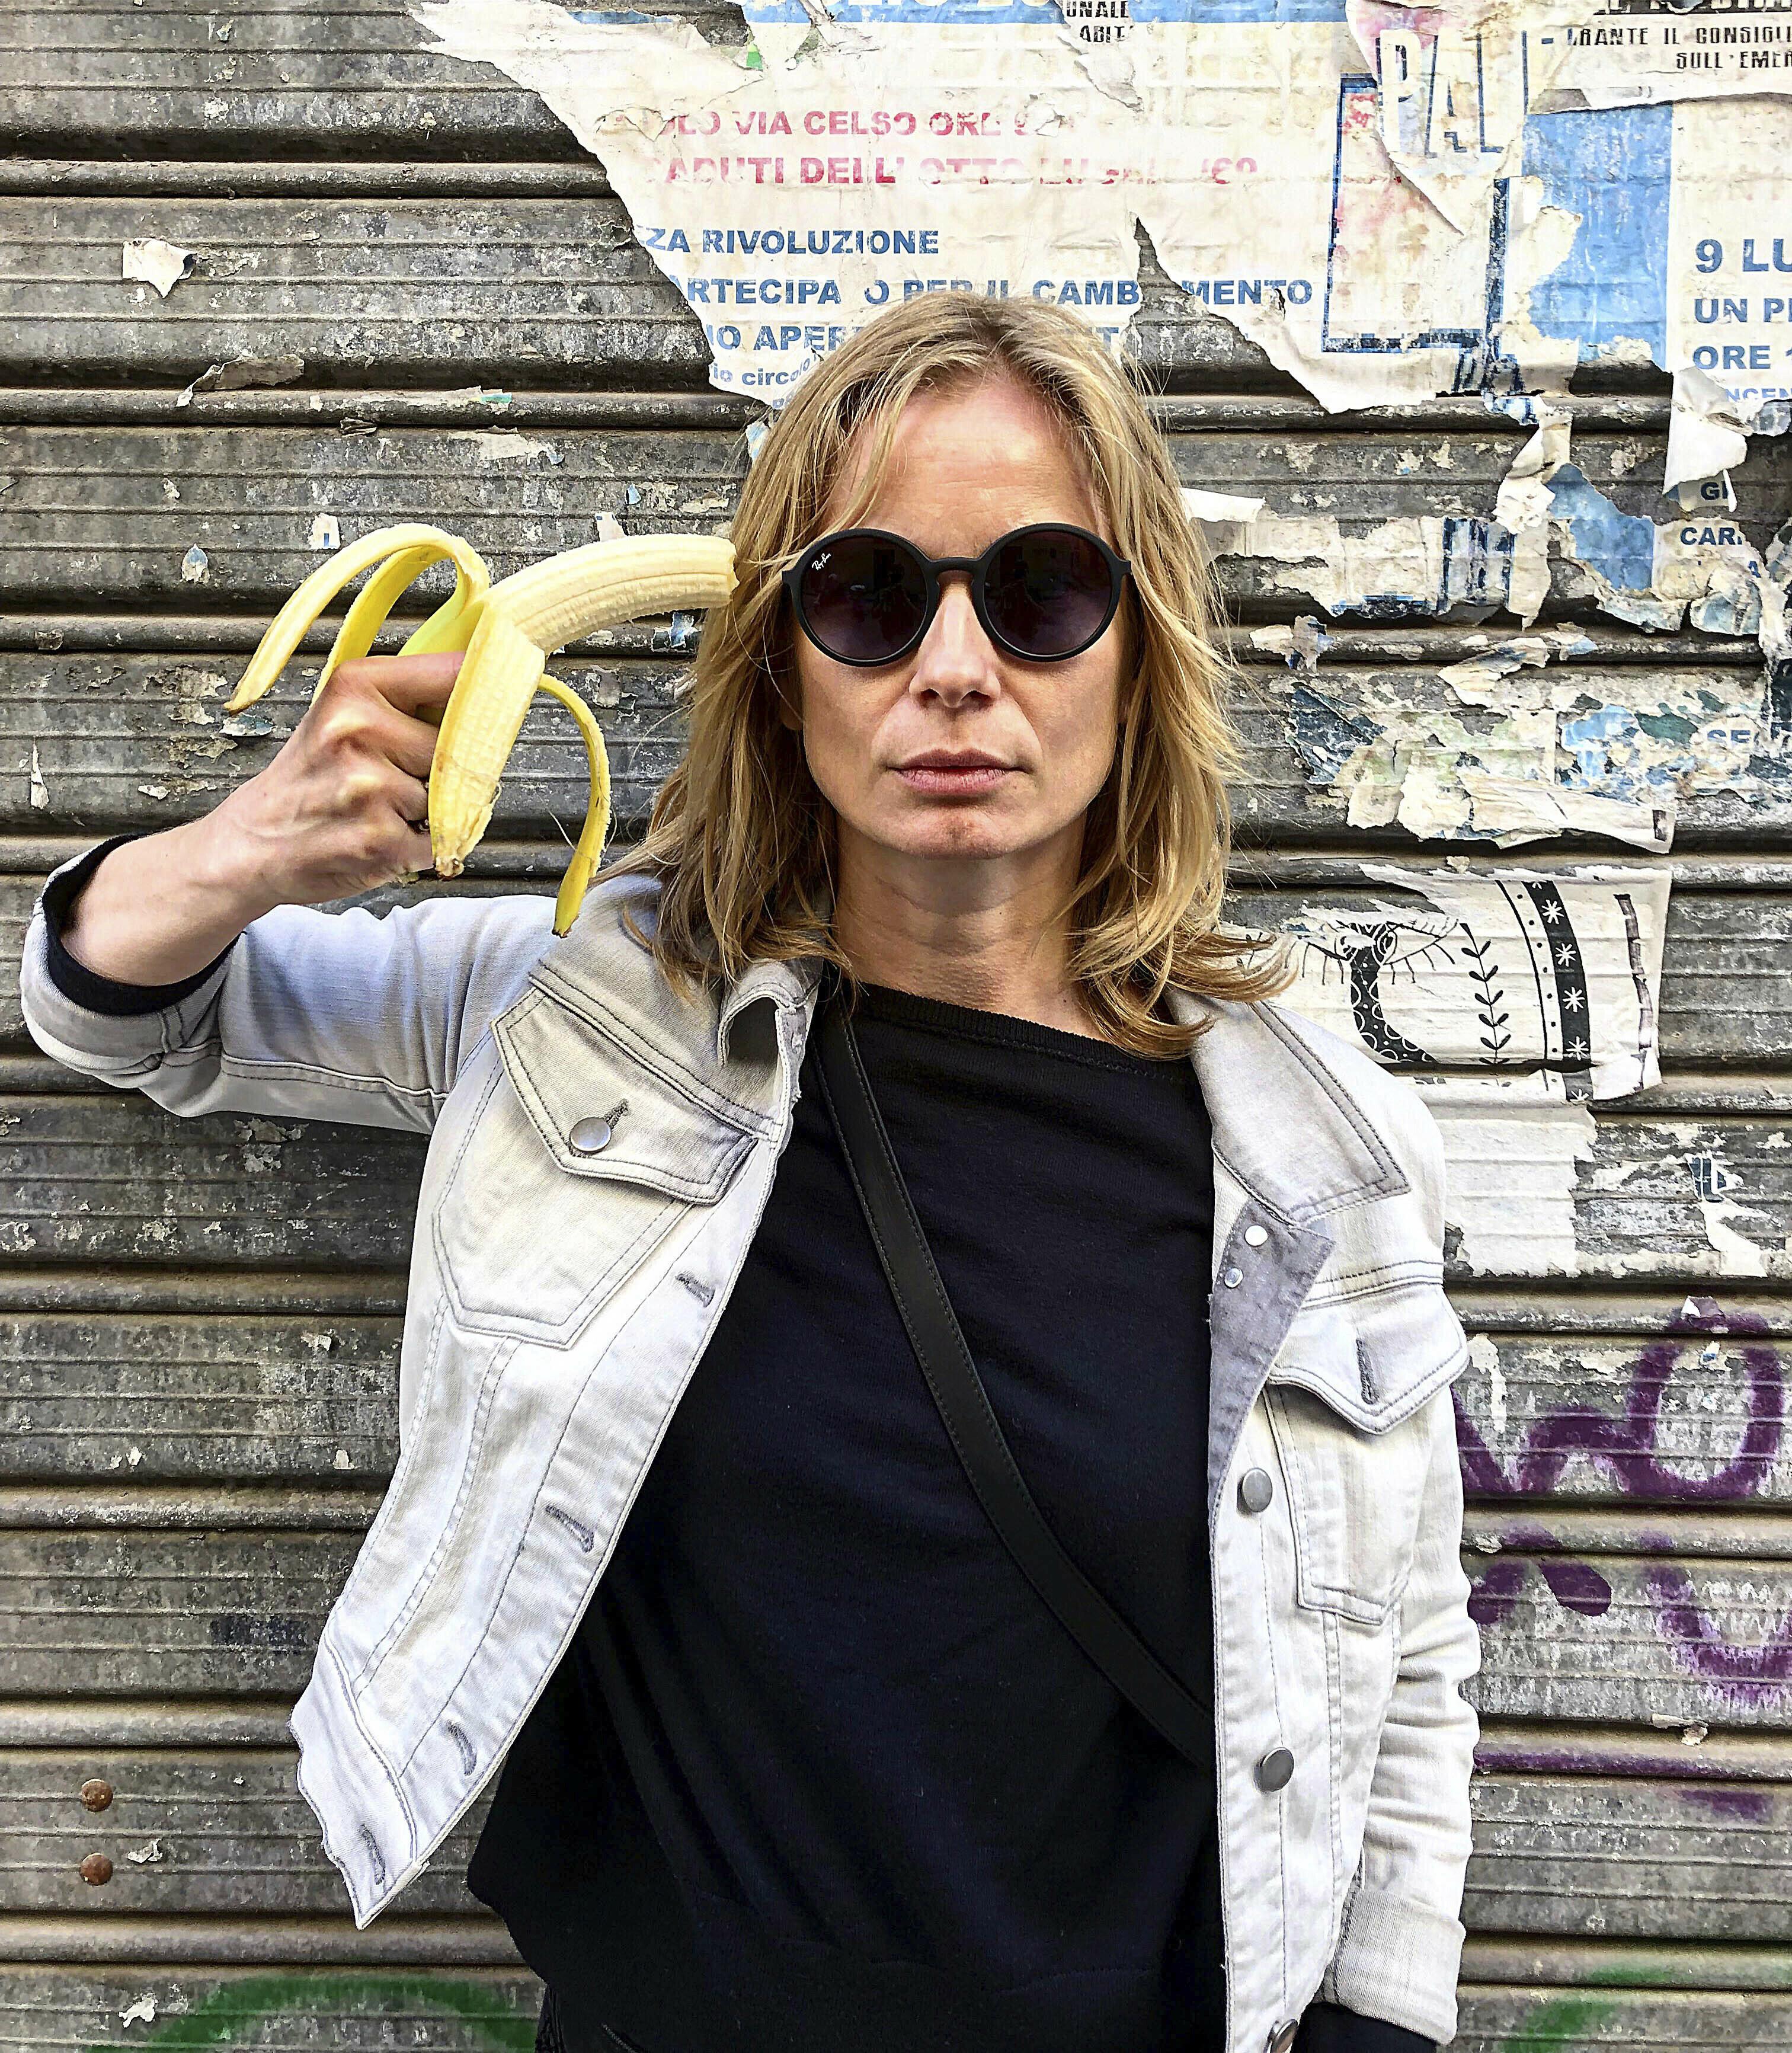 Η ηθοποιός Magdalena Cielecka διαμαρτύρεται κρατώντας ως όπλο μία μπανάνα